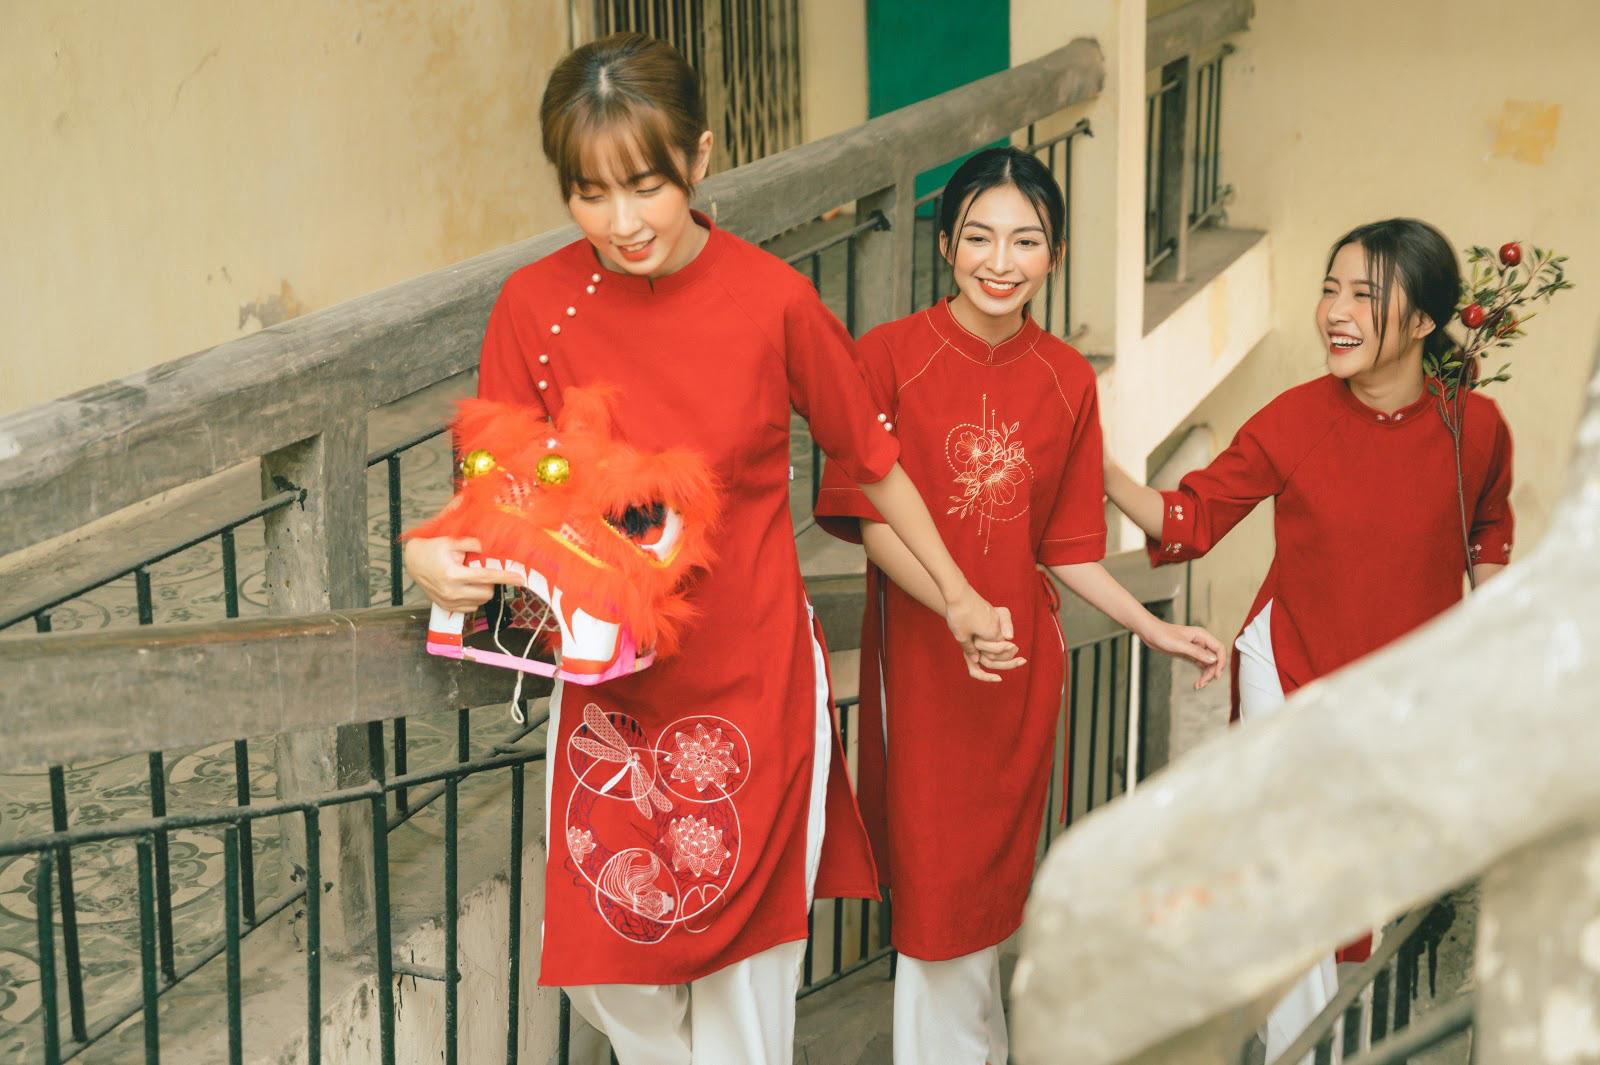 Diện đẹp đón Tết Canh Tý với mẫu áo dài họa tiết lạ mắt - Ảnh 5.